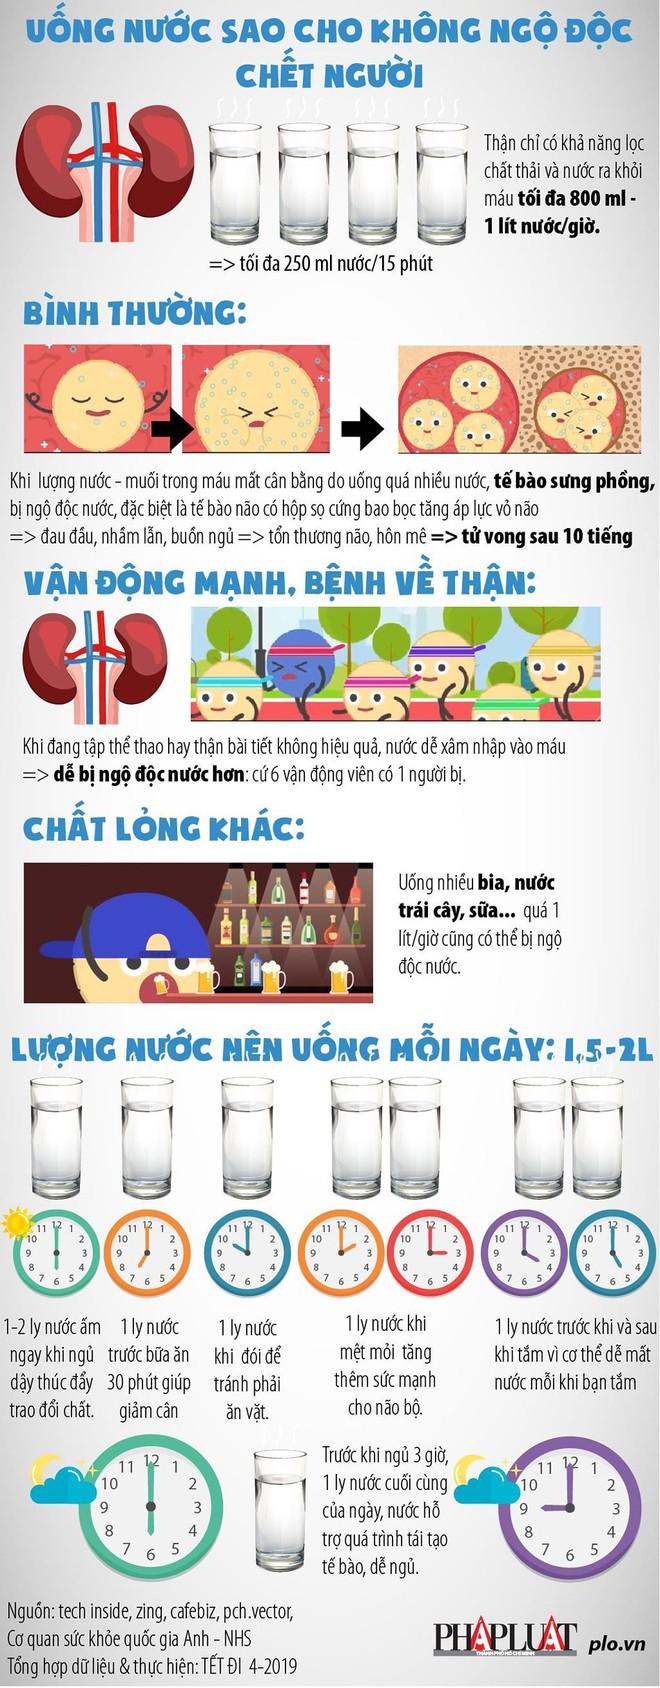 Uống nước sao cho không ngộ độc chết người? - Ảnh 1.